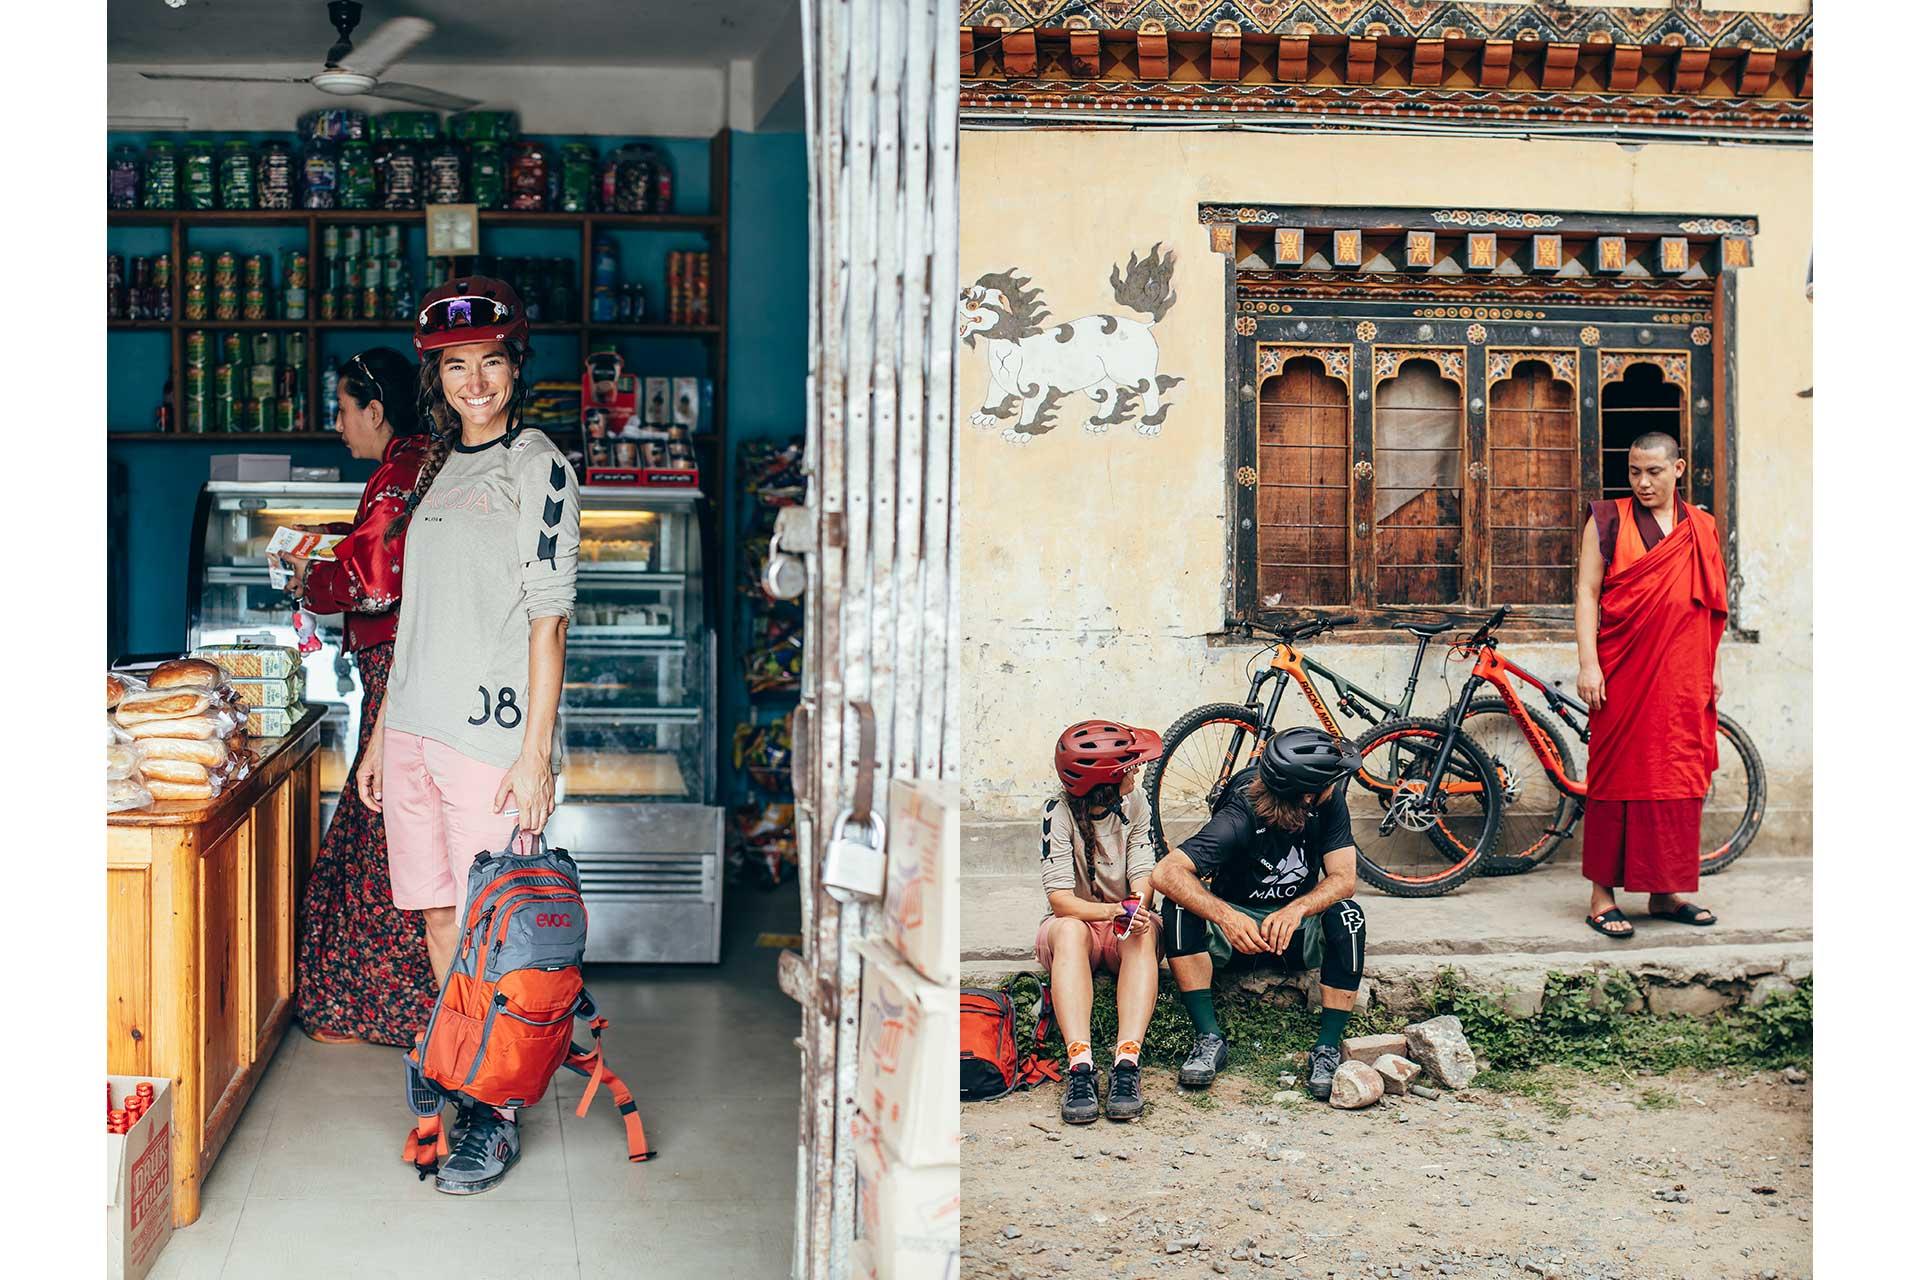 Mountainbike Fotograf Reise Maloja Bekleidung Himalaya Stuttgart